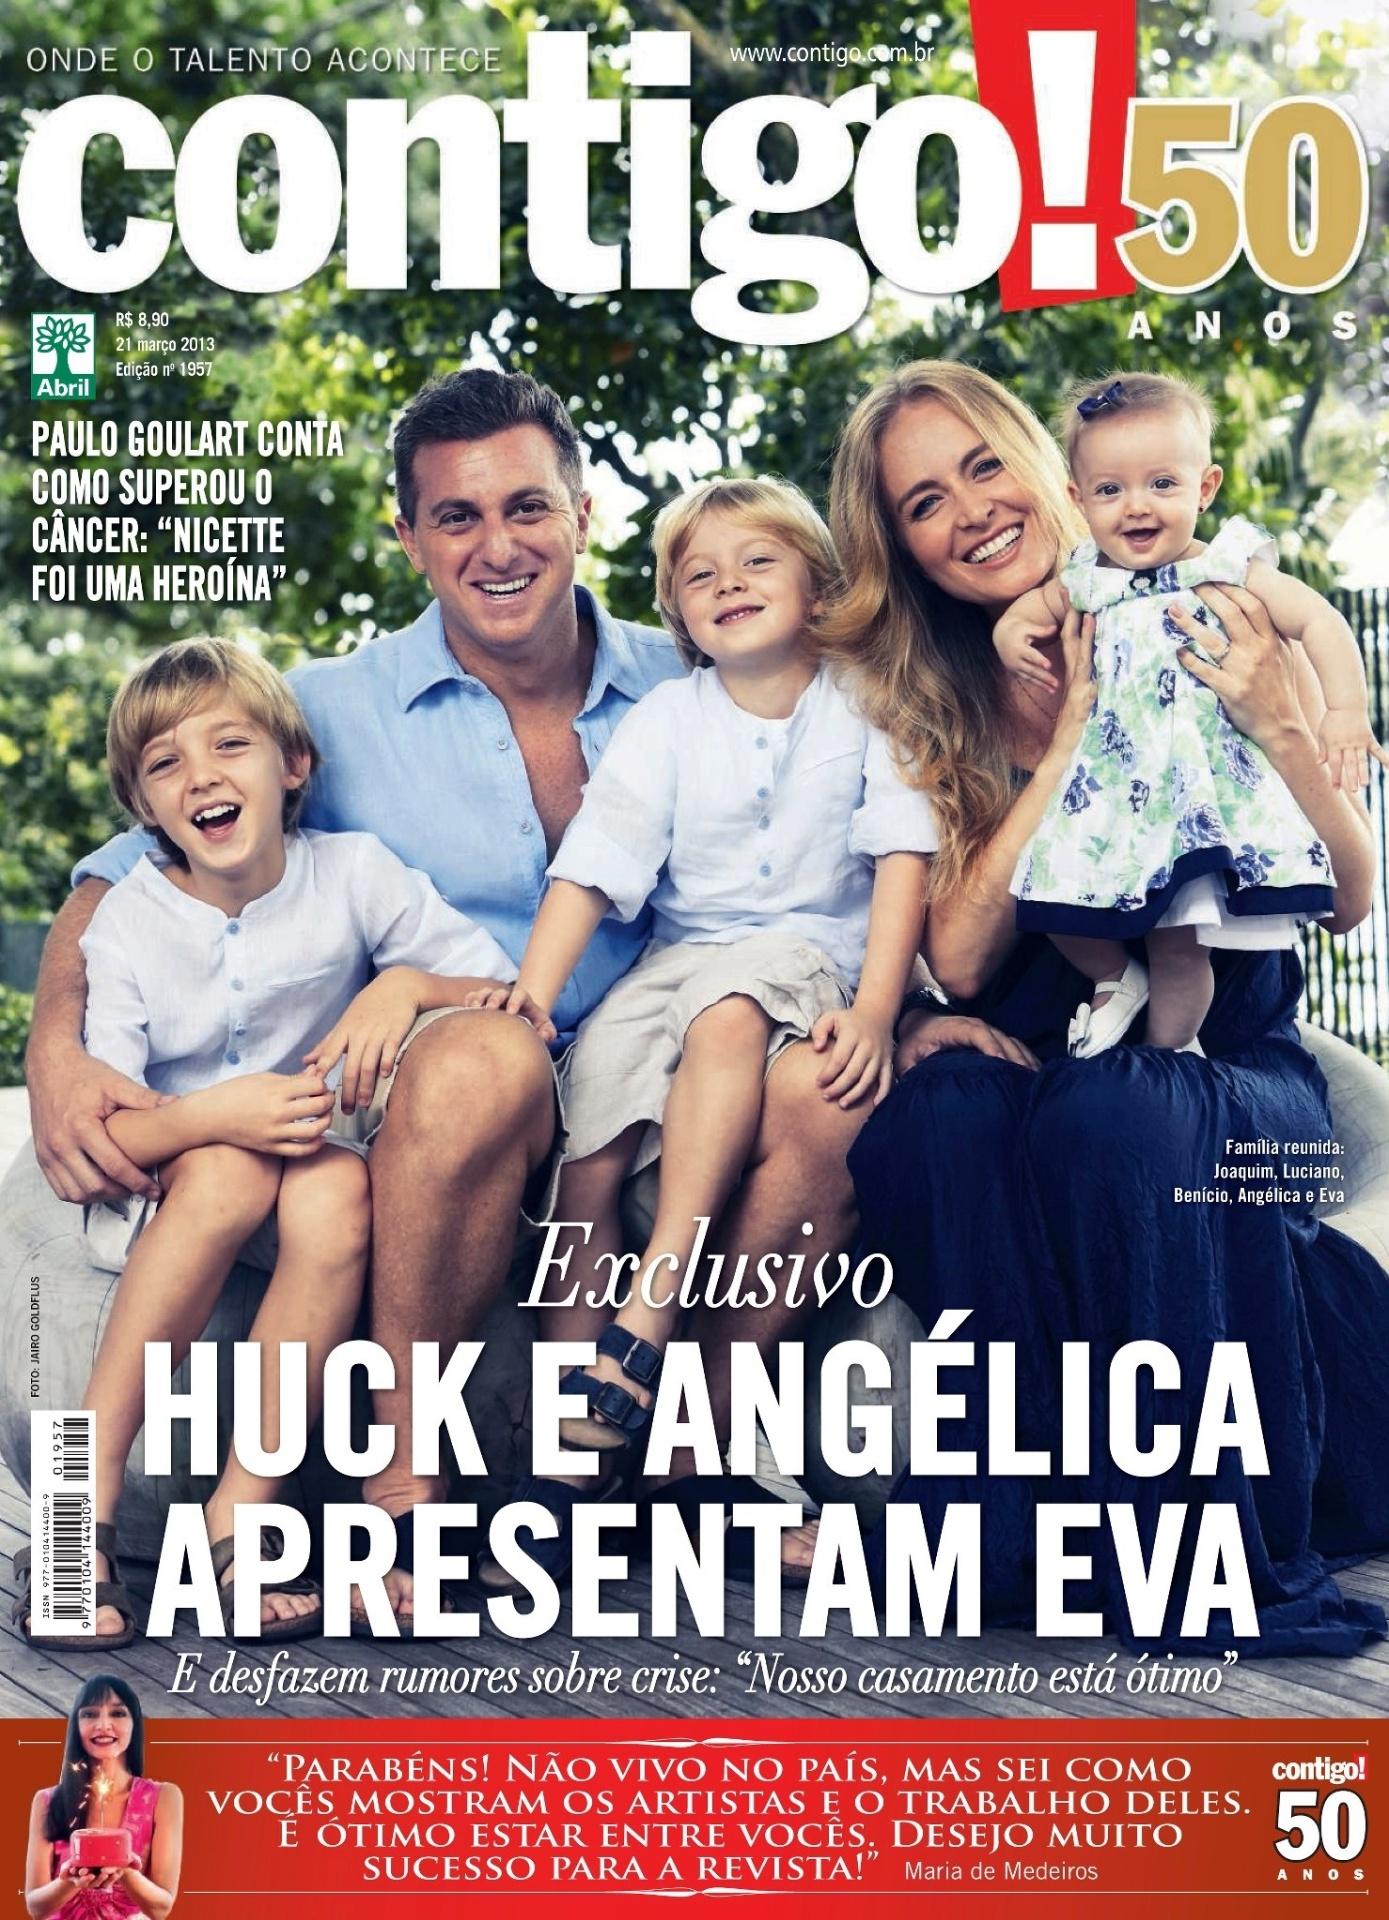 19.mar.2013 - Angélica mostrou pela primeira vez a filha Eva em foto para a revista